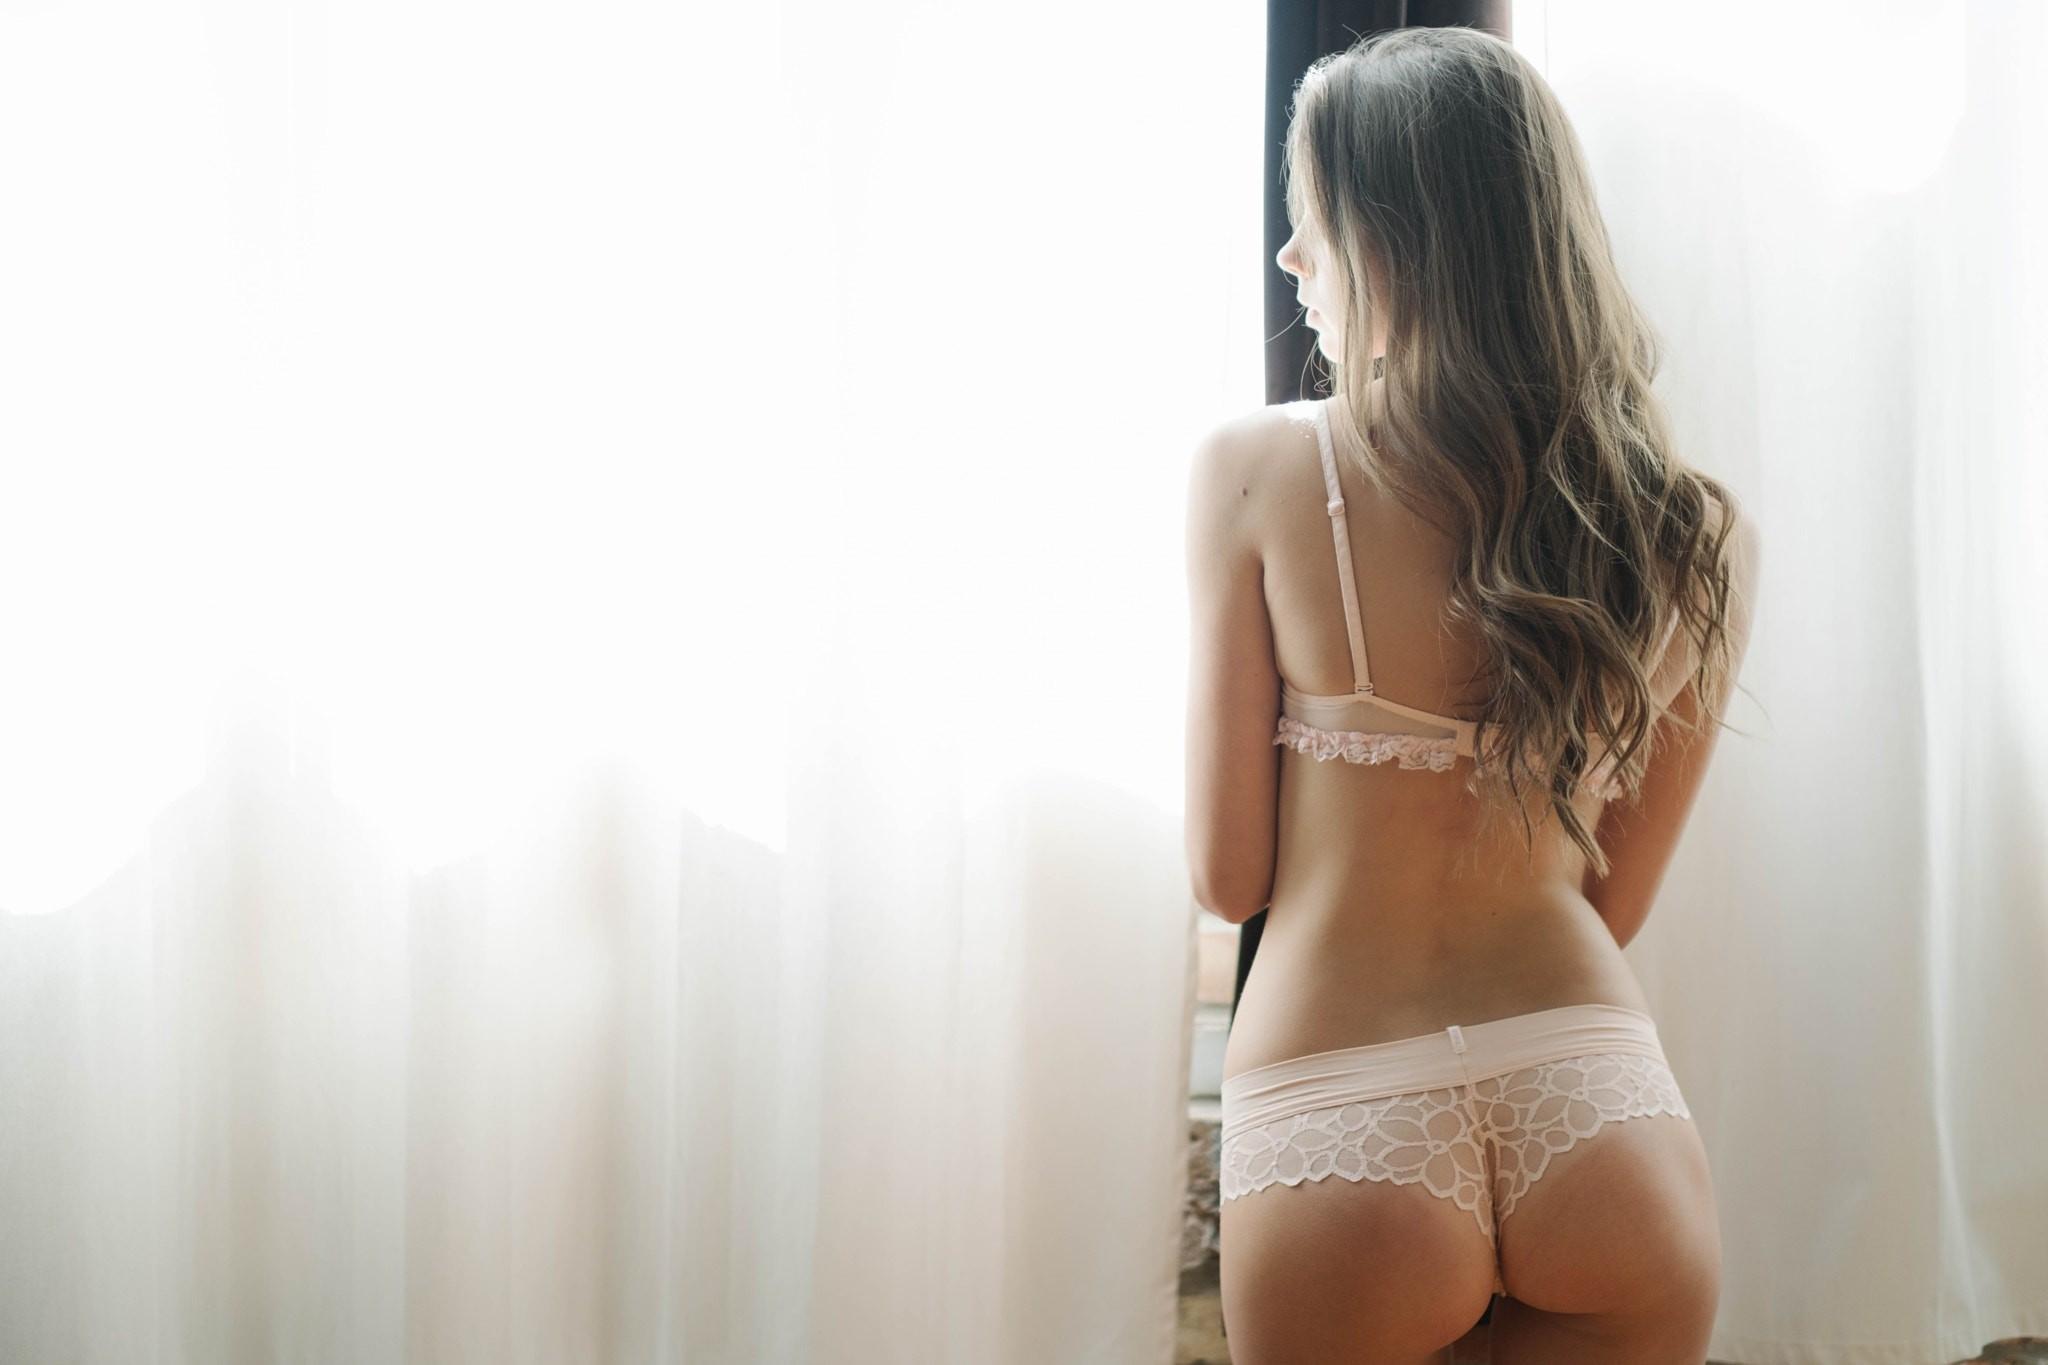 Стройную брюнетку сзади, Порно с брюнетками смотреть онлайн бесплатно 17 фотография